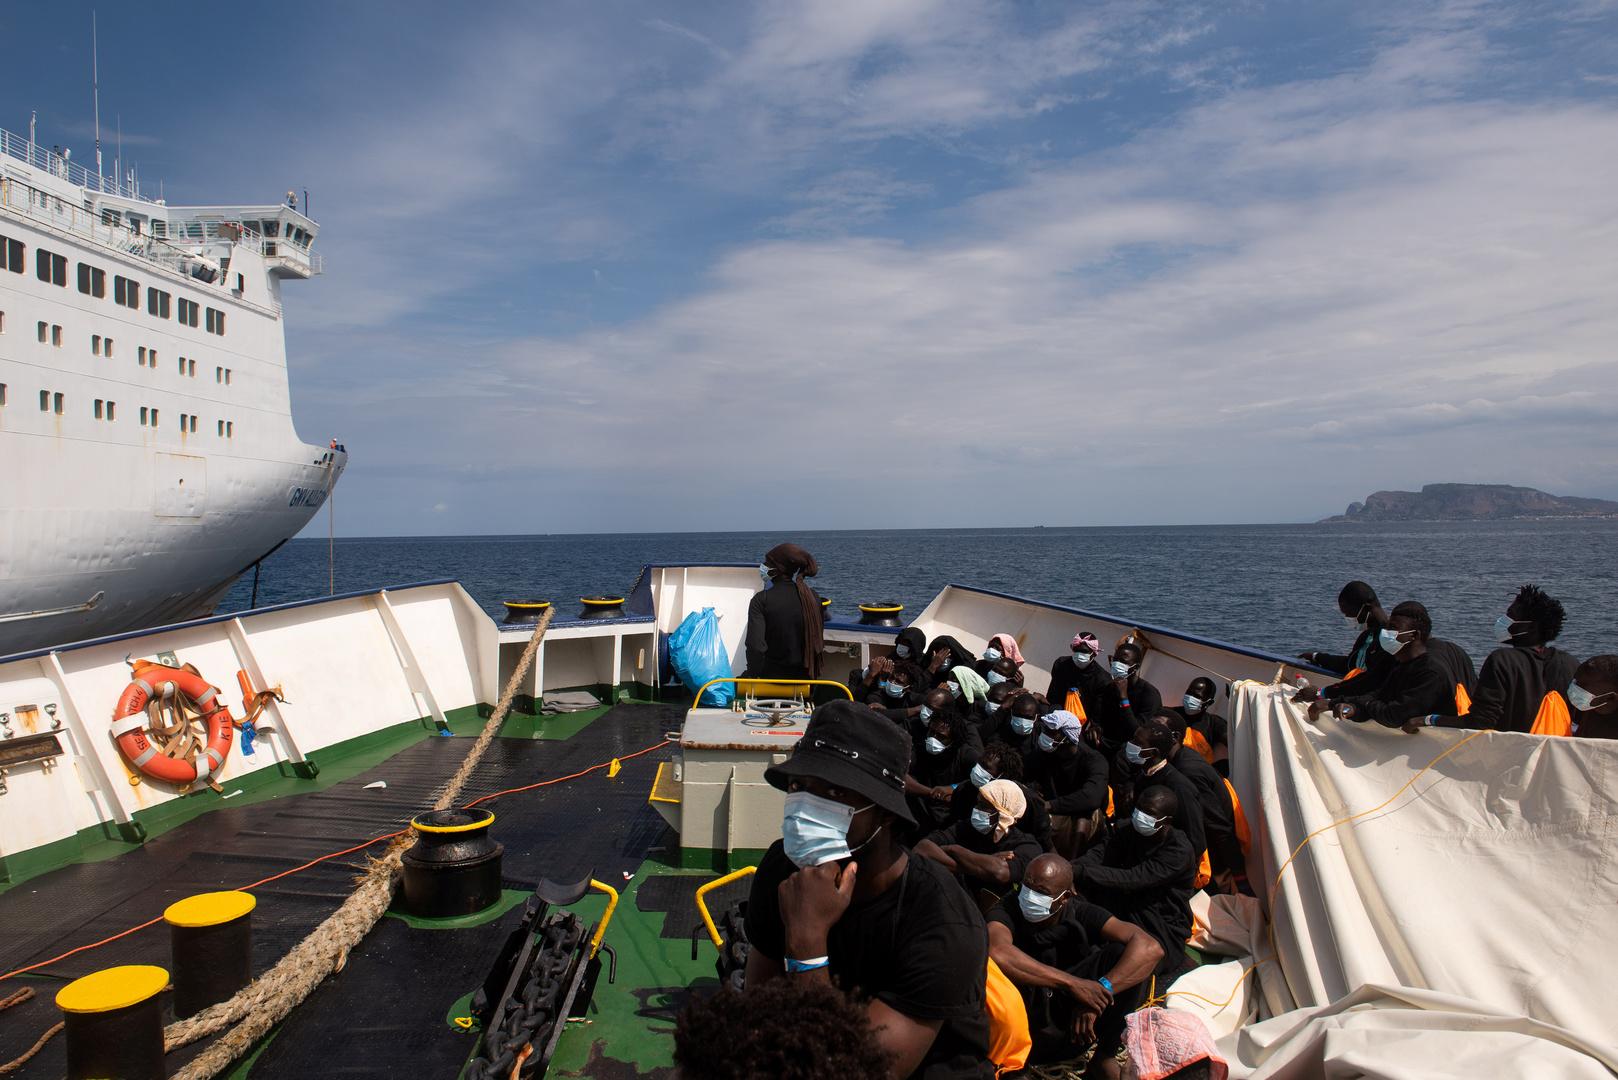 إيطاليا: استمرار تدفقات الهجرة نحو جزيرة لامبيدوزا